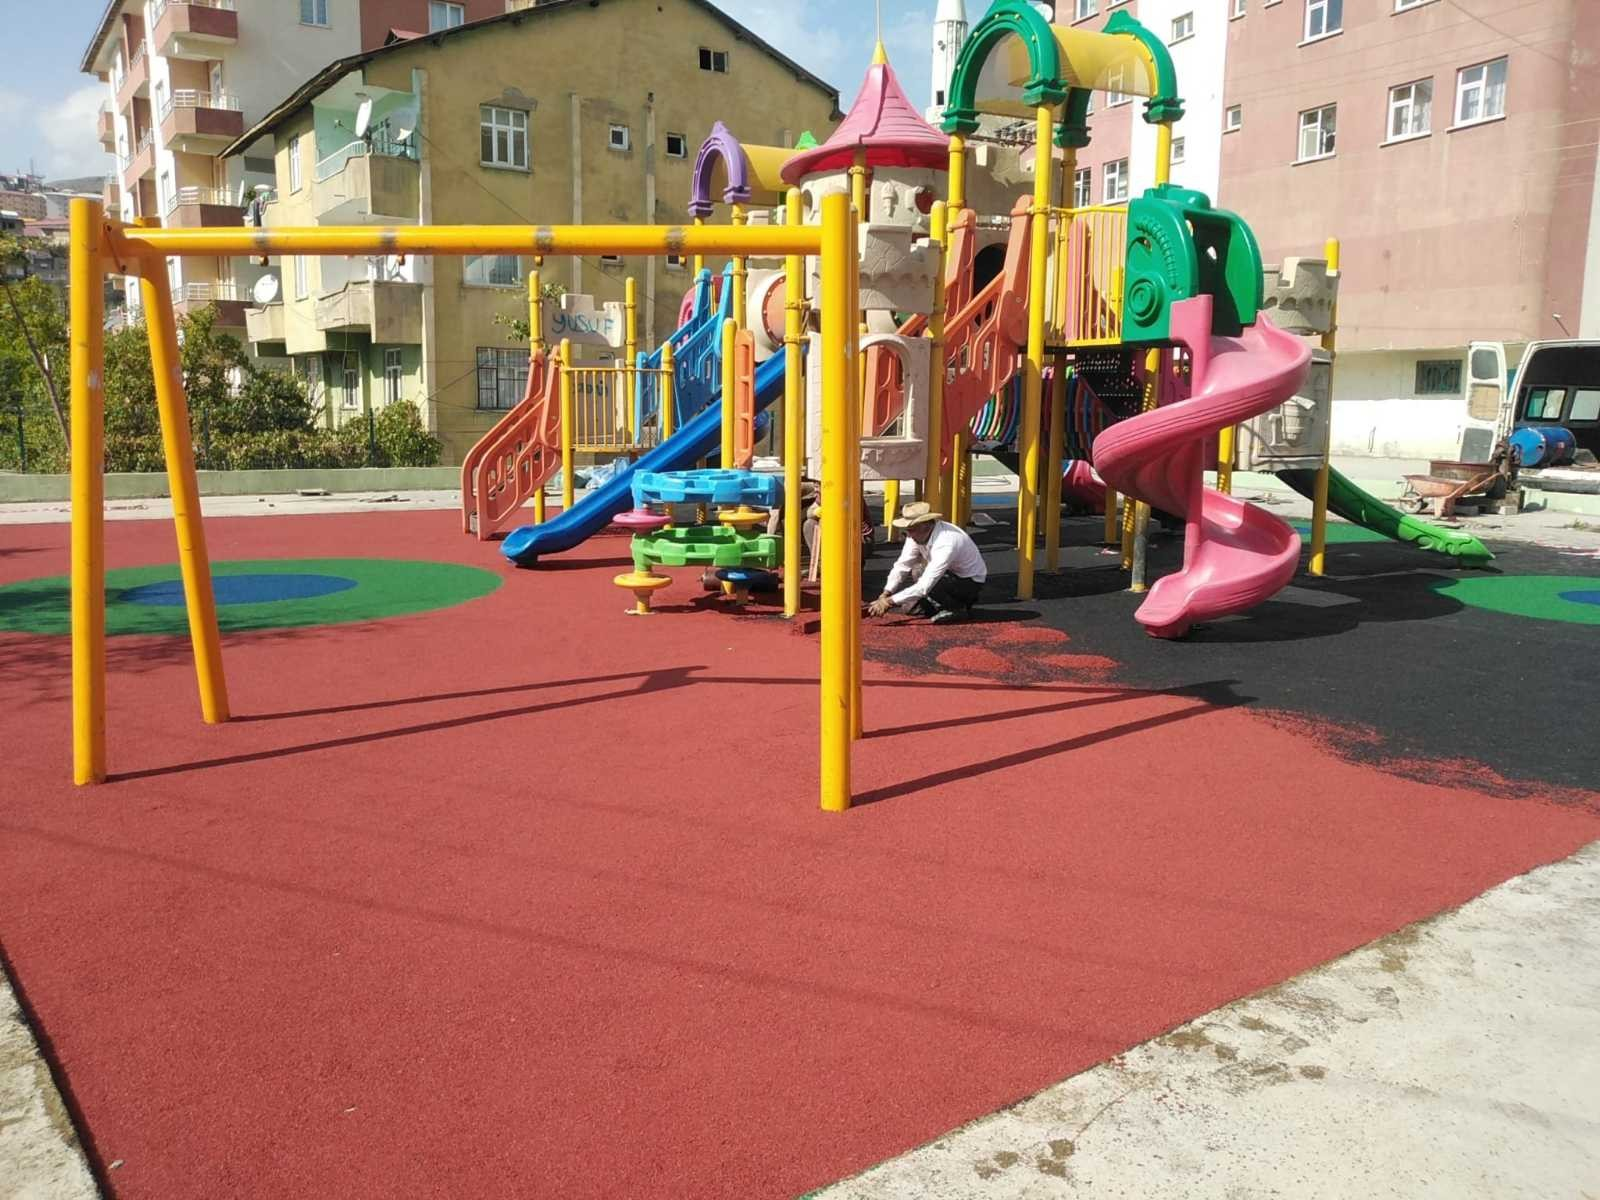 Hakkari'de çocuk oyun parkları onarıldı #hakkari